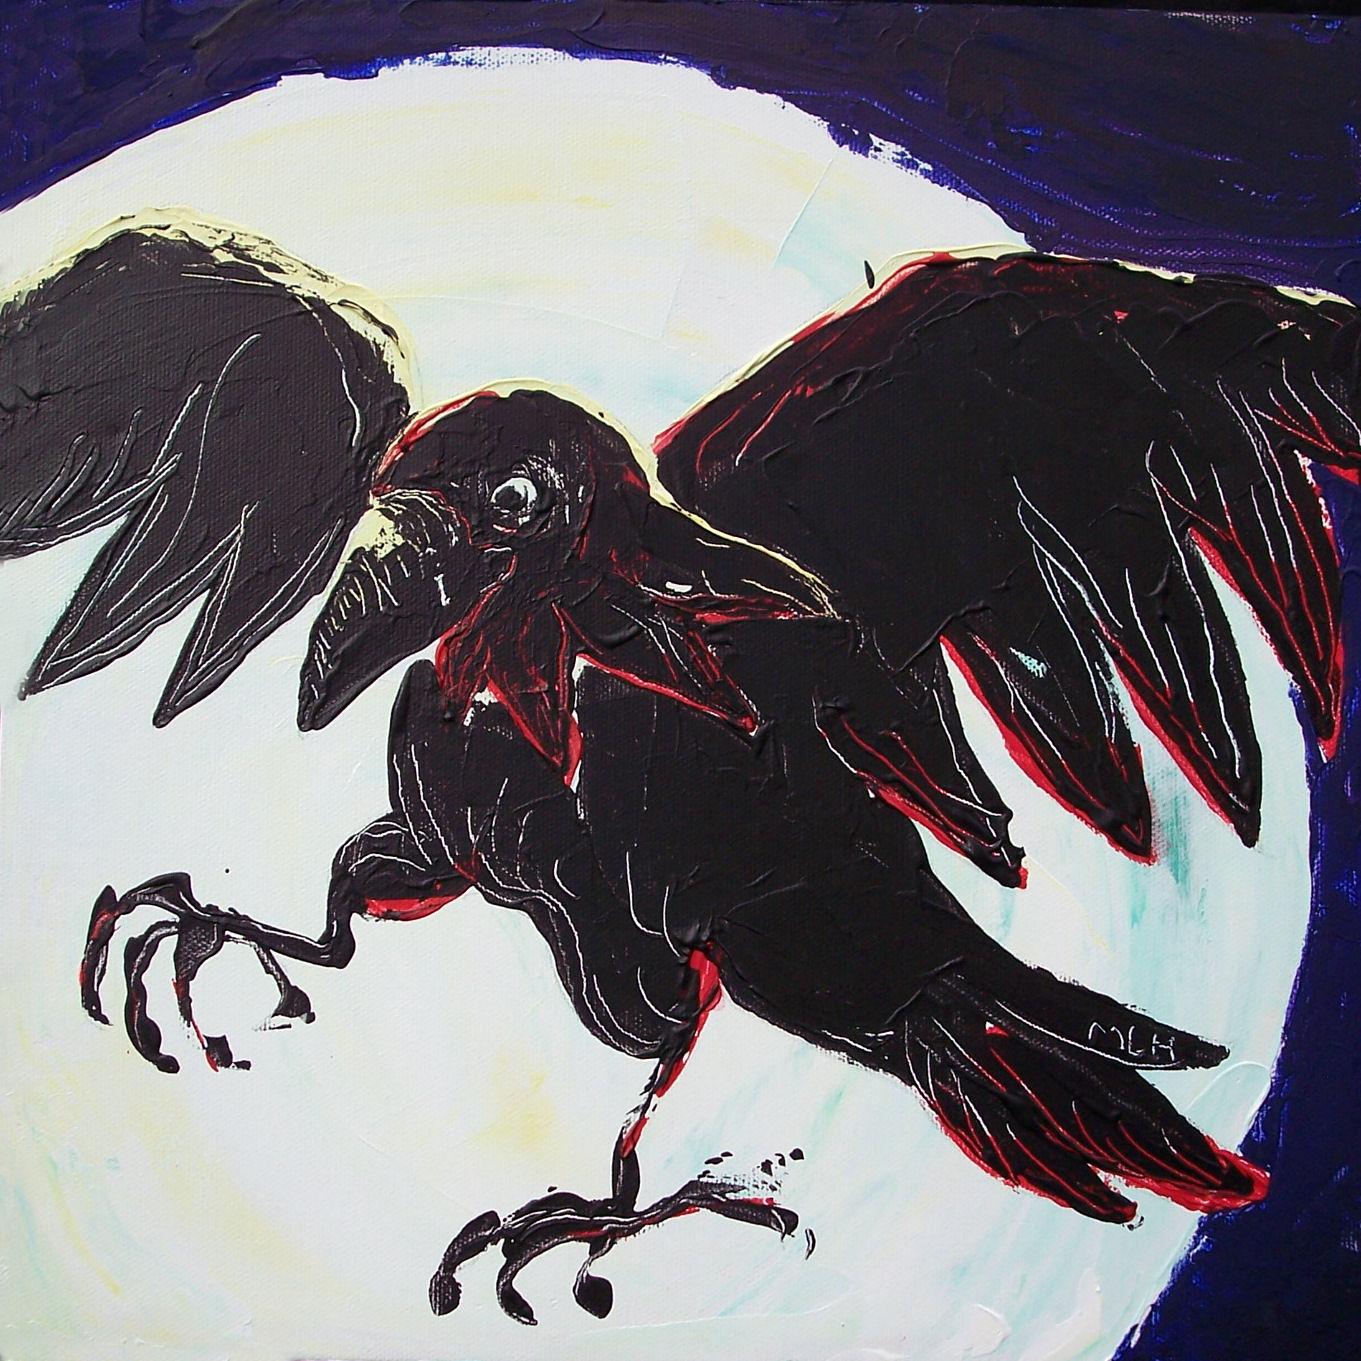 [Raven]